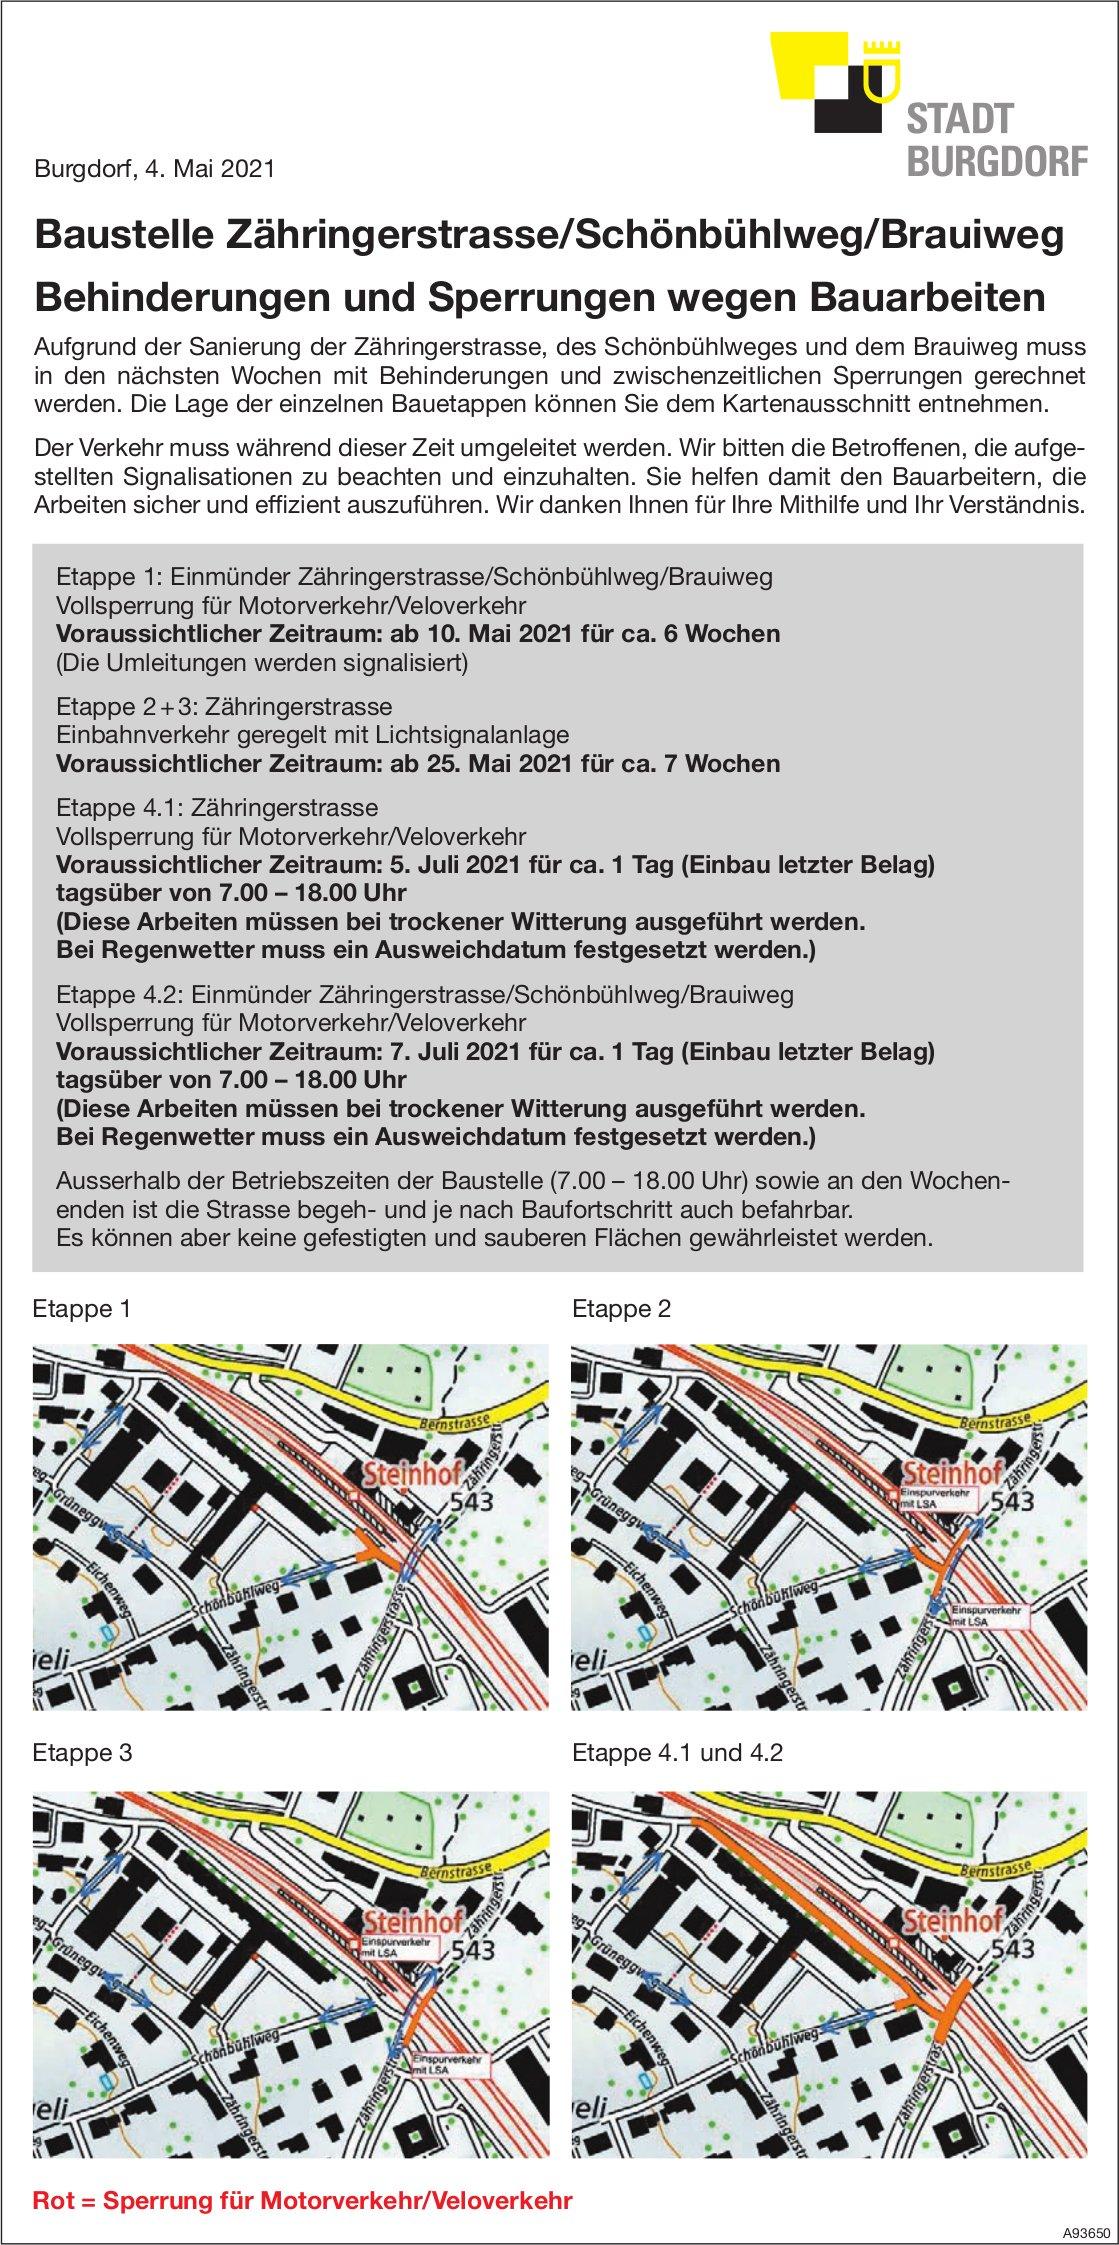 Stadt Burgdorf - Baustelle Zähringerstrasse/Schönbühlweg/Brauiweg, Behinderungen und Sperrungen wegen Bauarbeiten